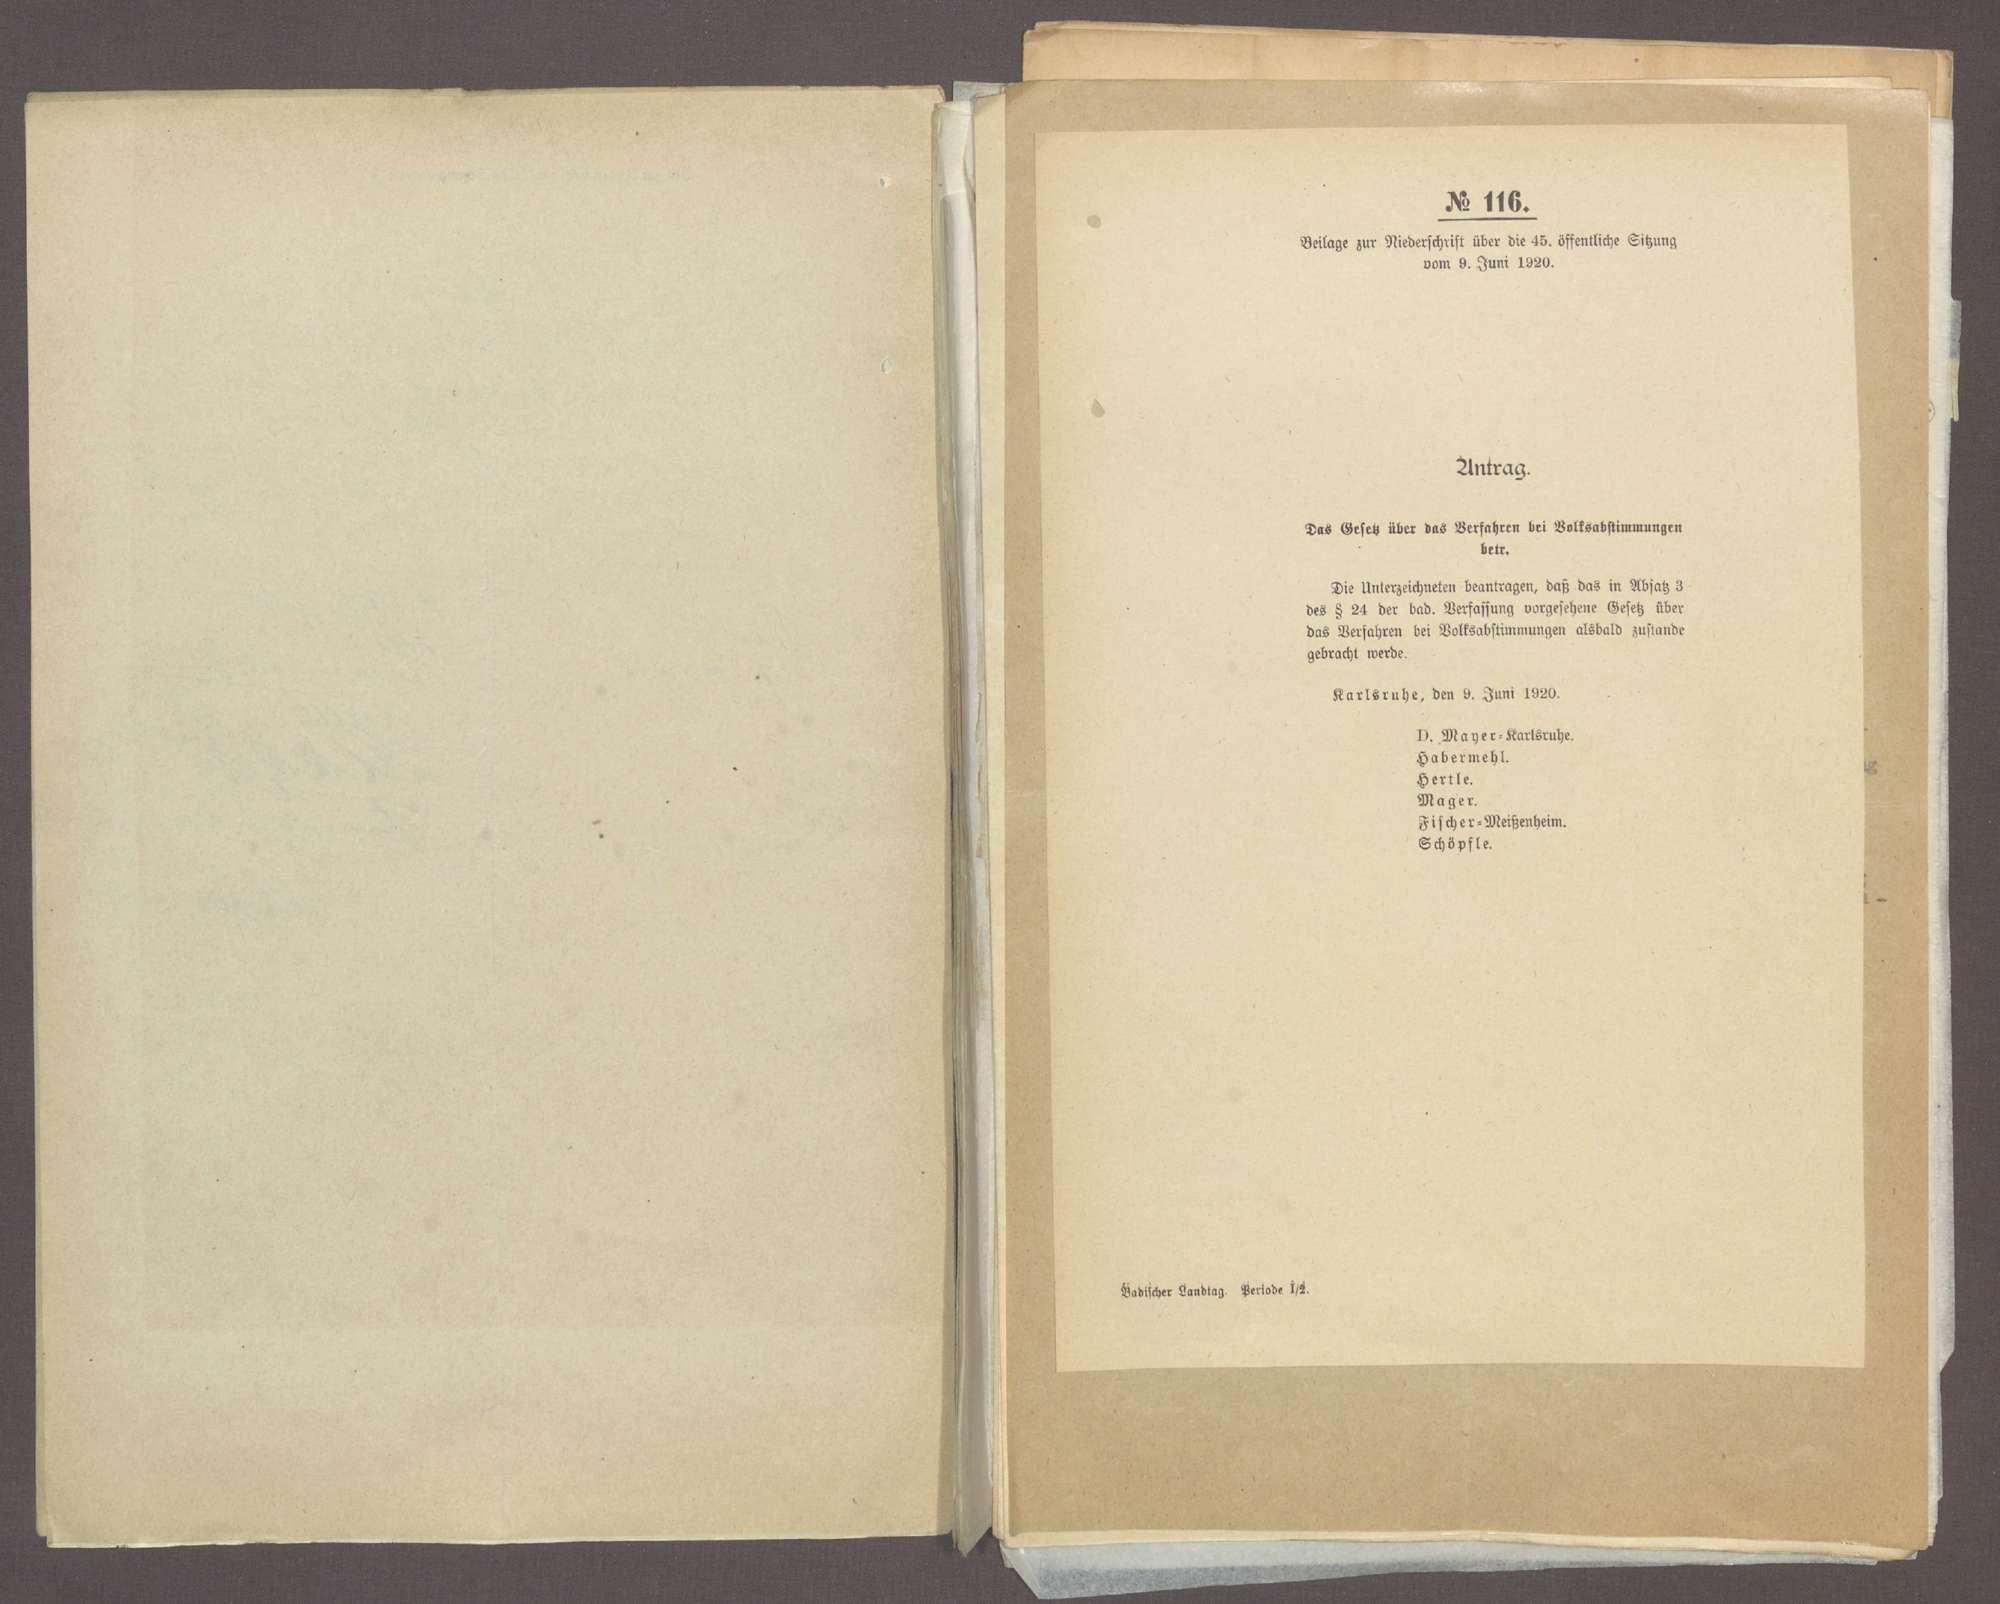 Antrag der Abg. D. Mayer (Karlsruhe) u. Gen., das Gesetz über das Verfahren bei Volksabstimmungen betr. (Landtagswahlgesetz) -Drucks. Nr. 116-116a-, Bild 3